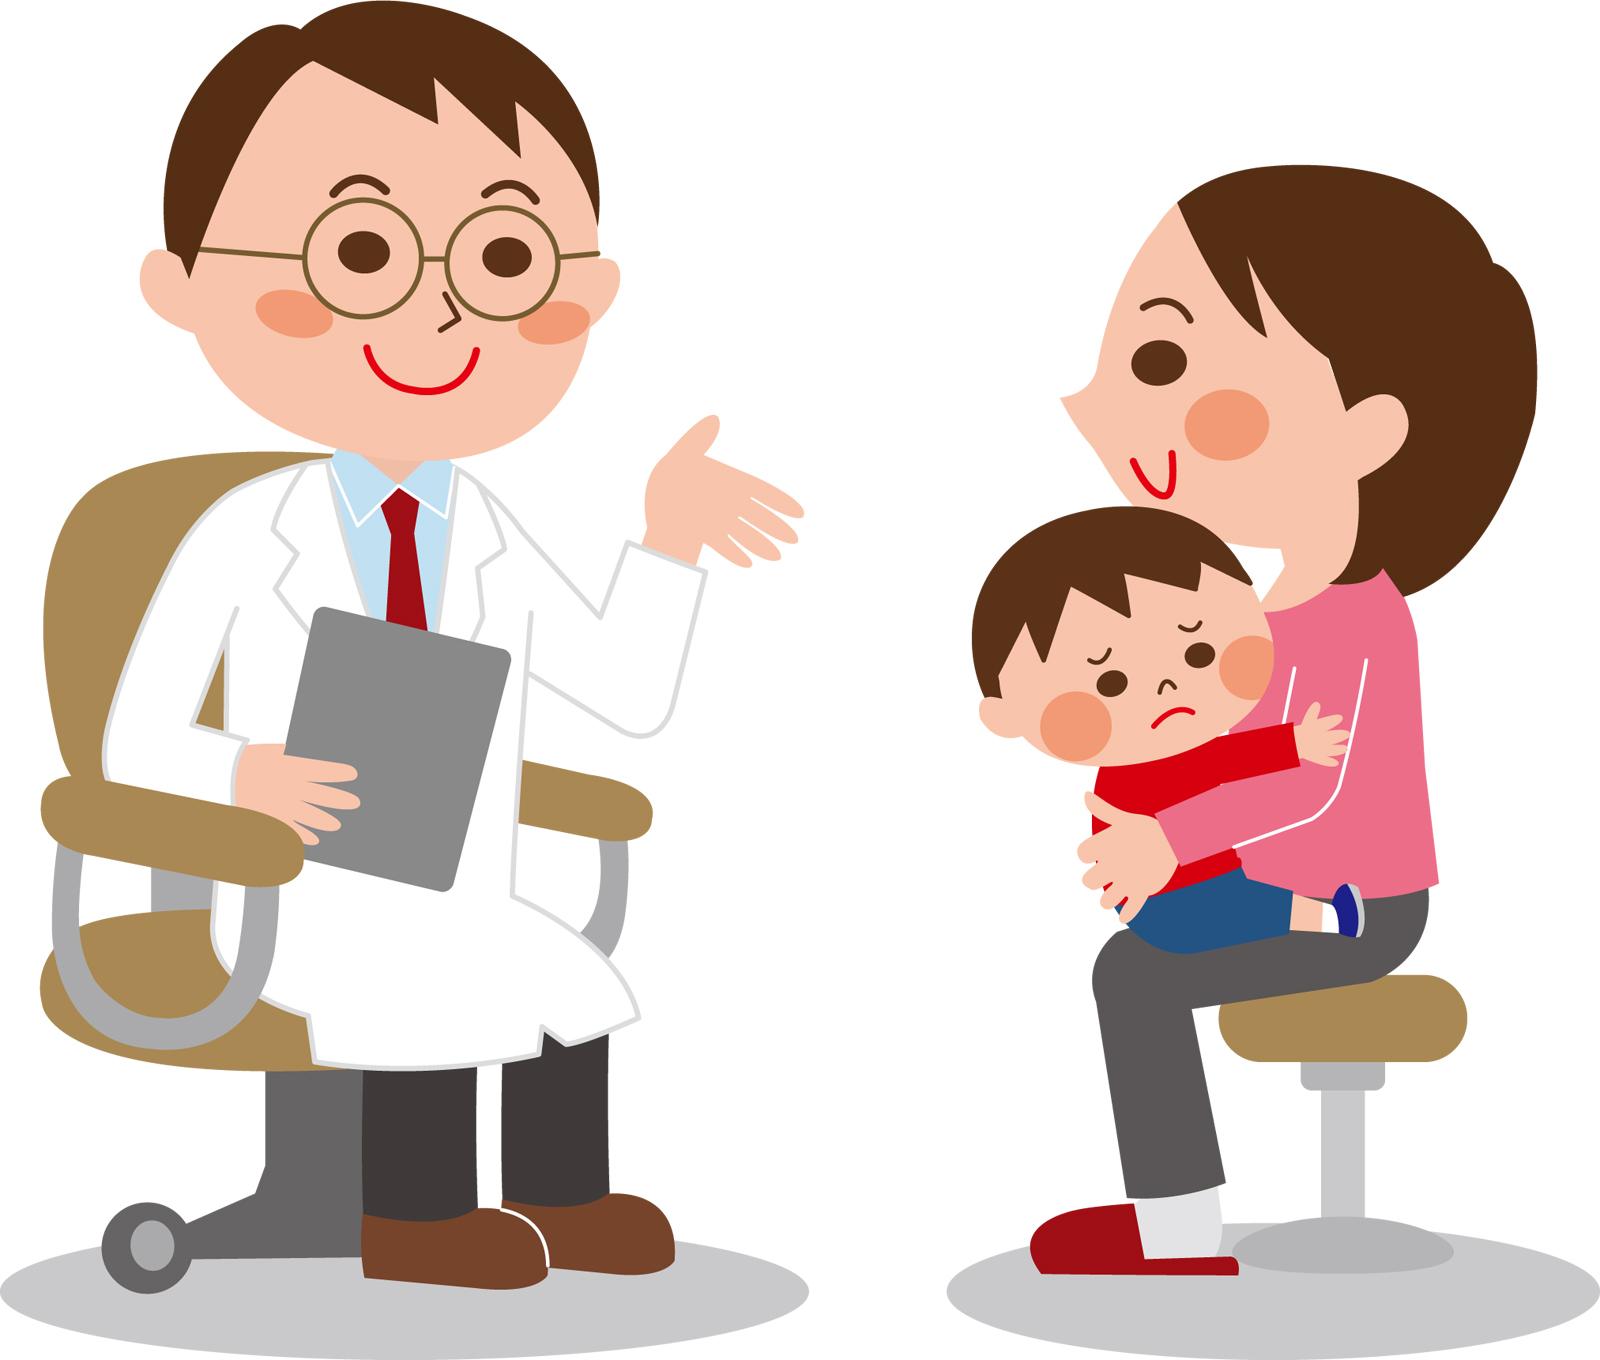 発達障害の診断は何科の病院で行うの?